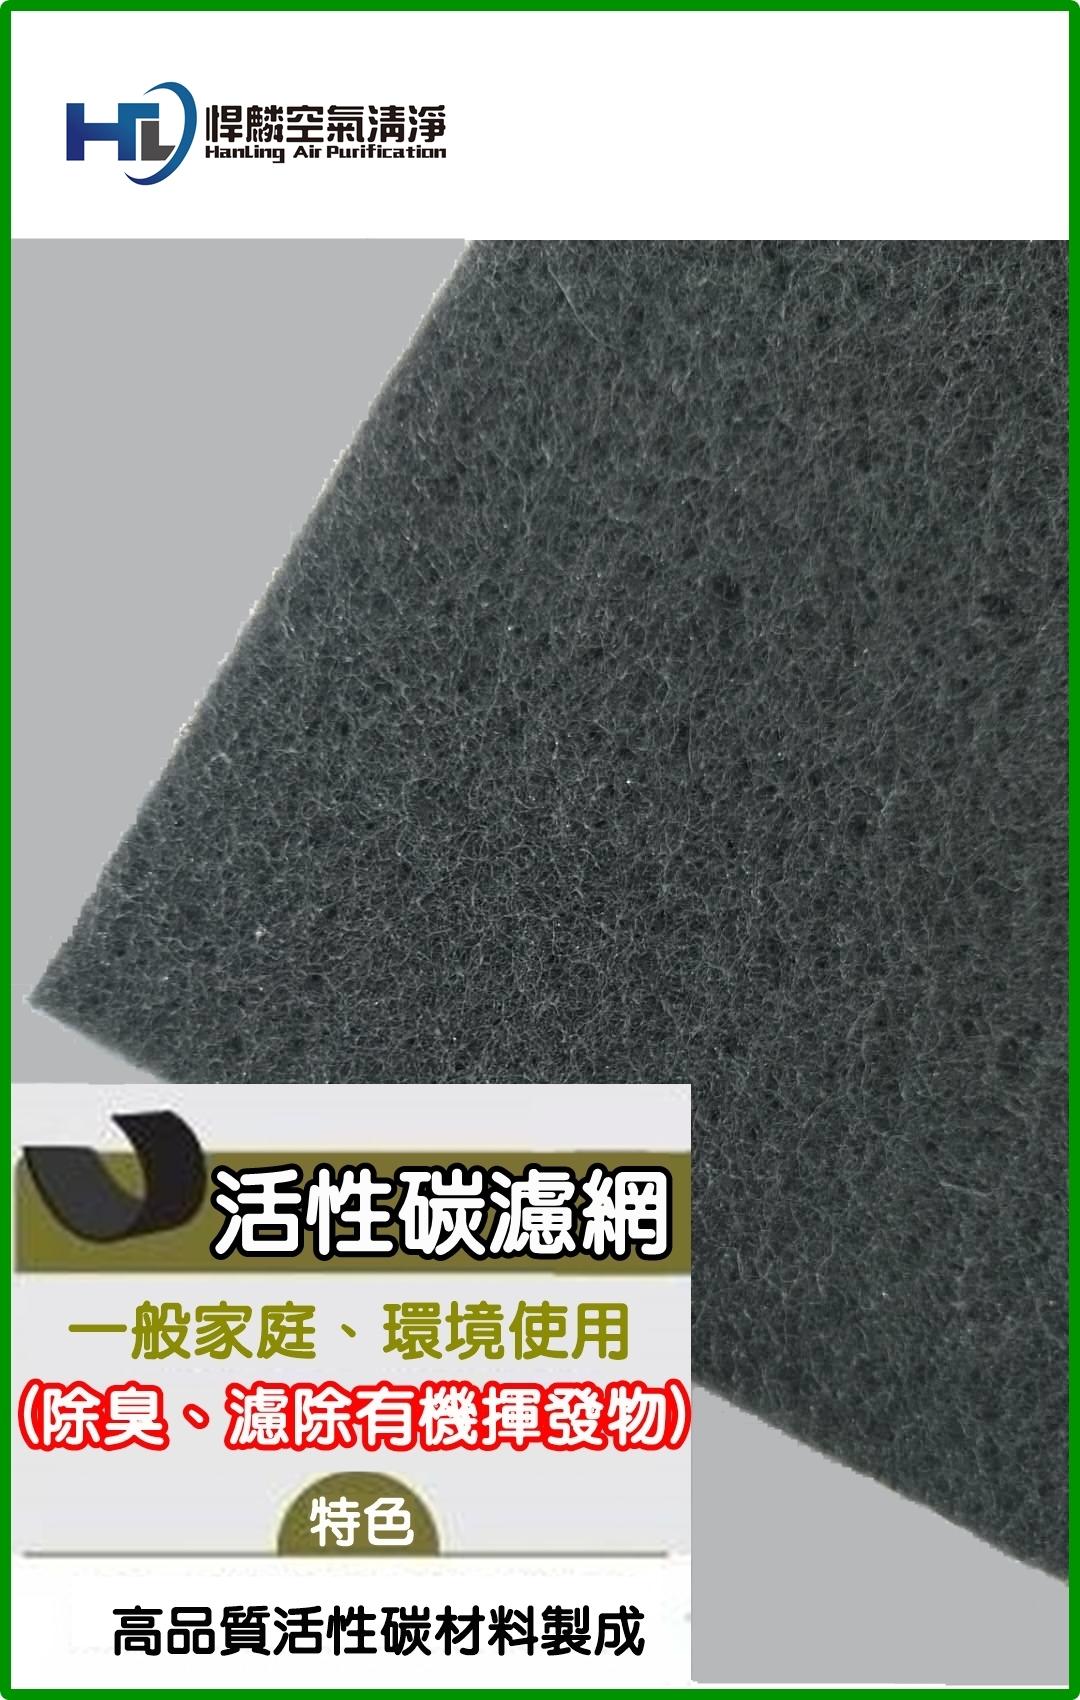 Coway 適用活性碳前置濾網 (AP-1009CH / AP-1008 / AP-1009 / AP-1010)